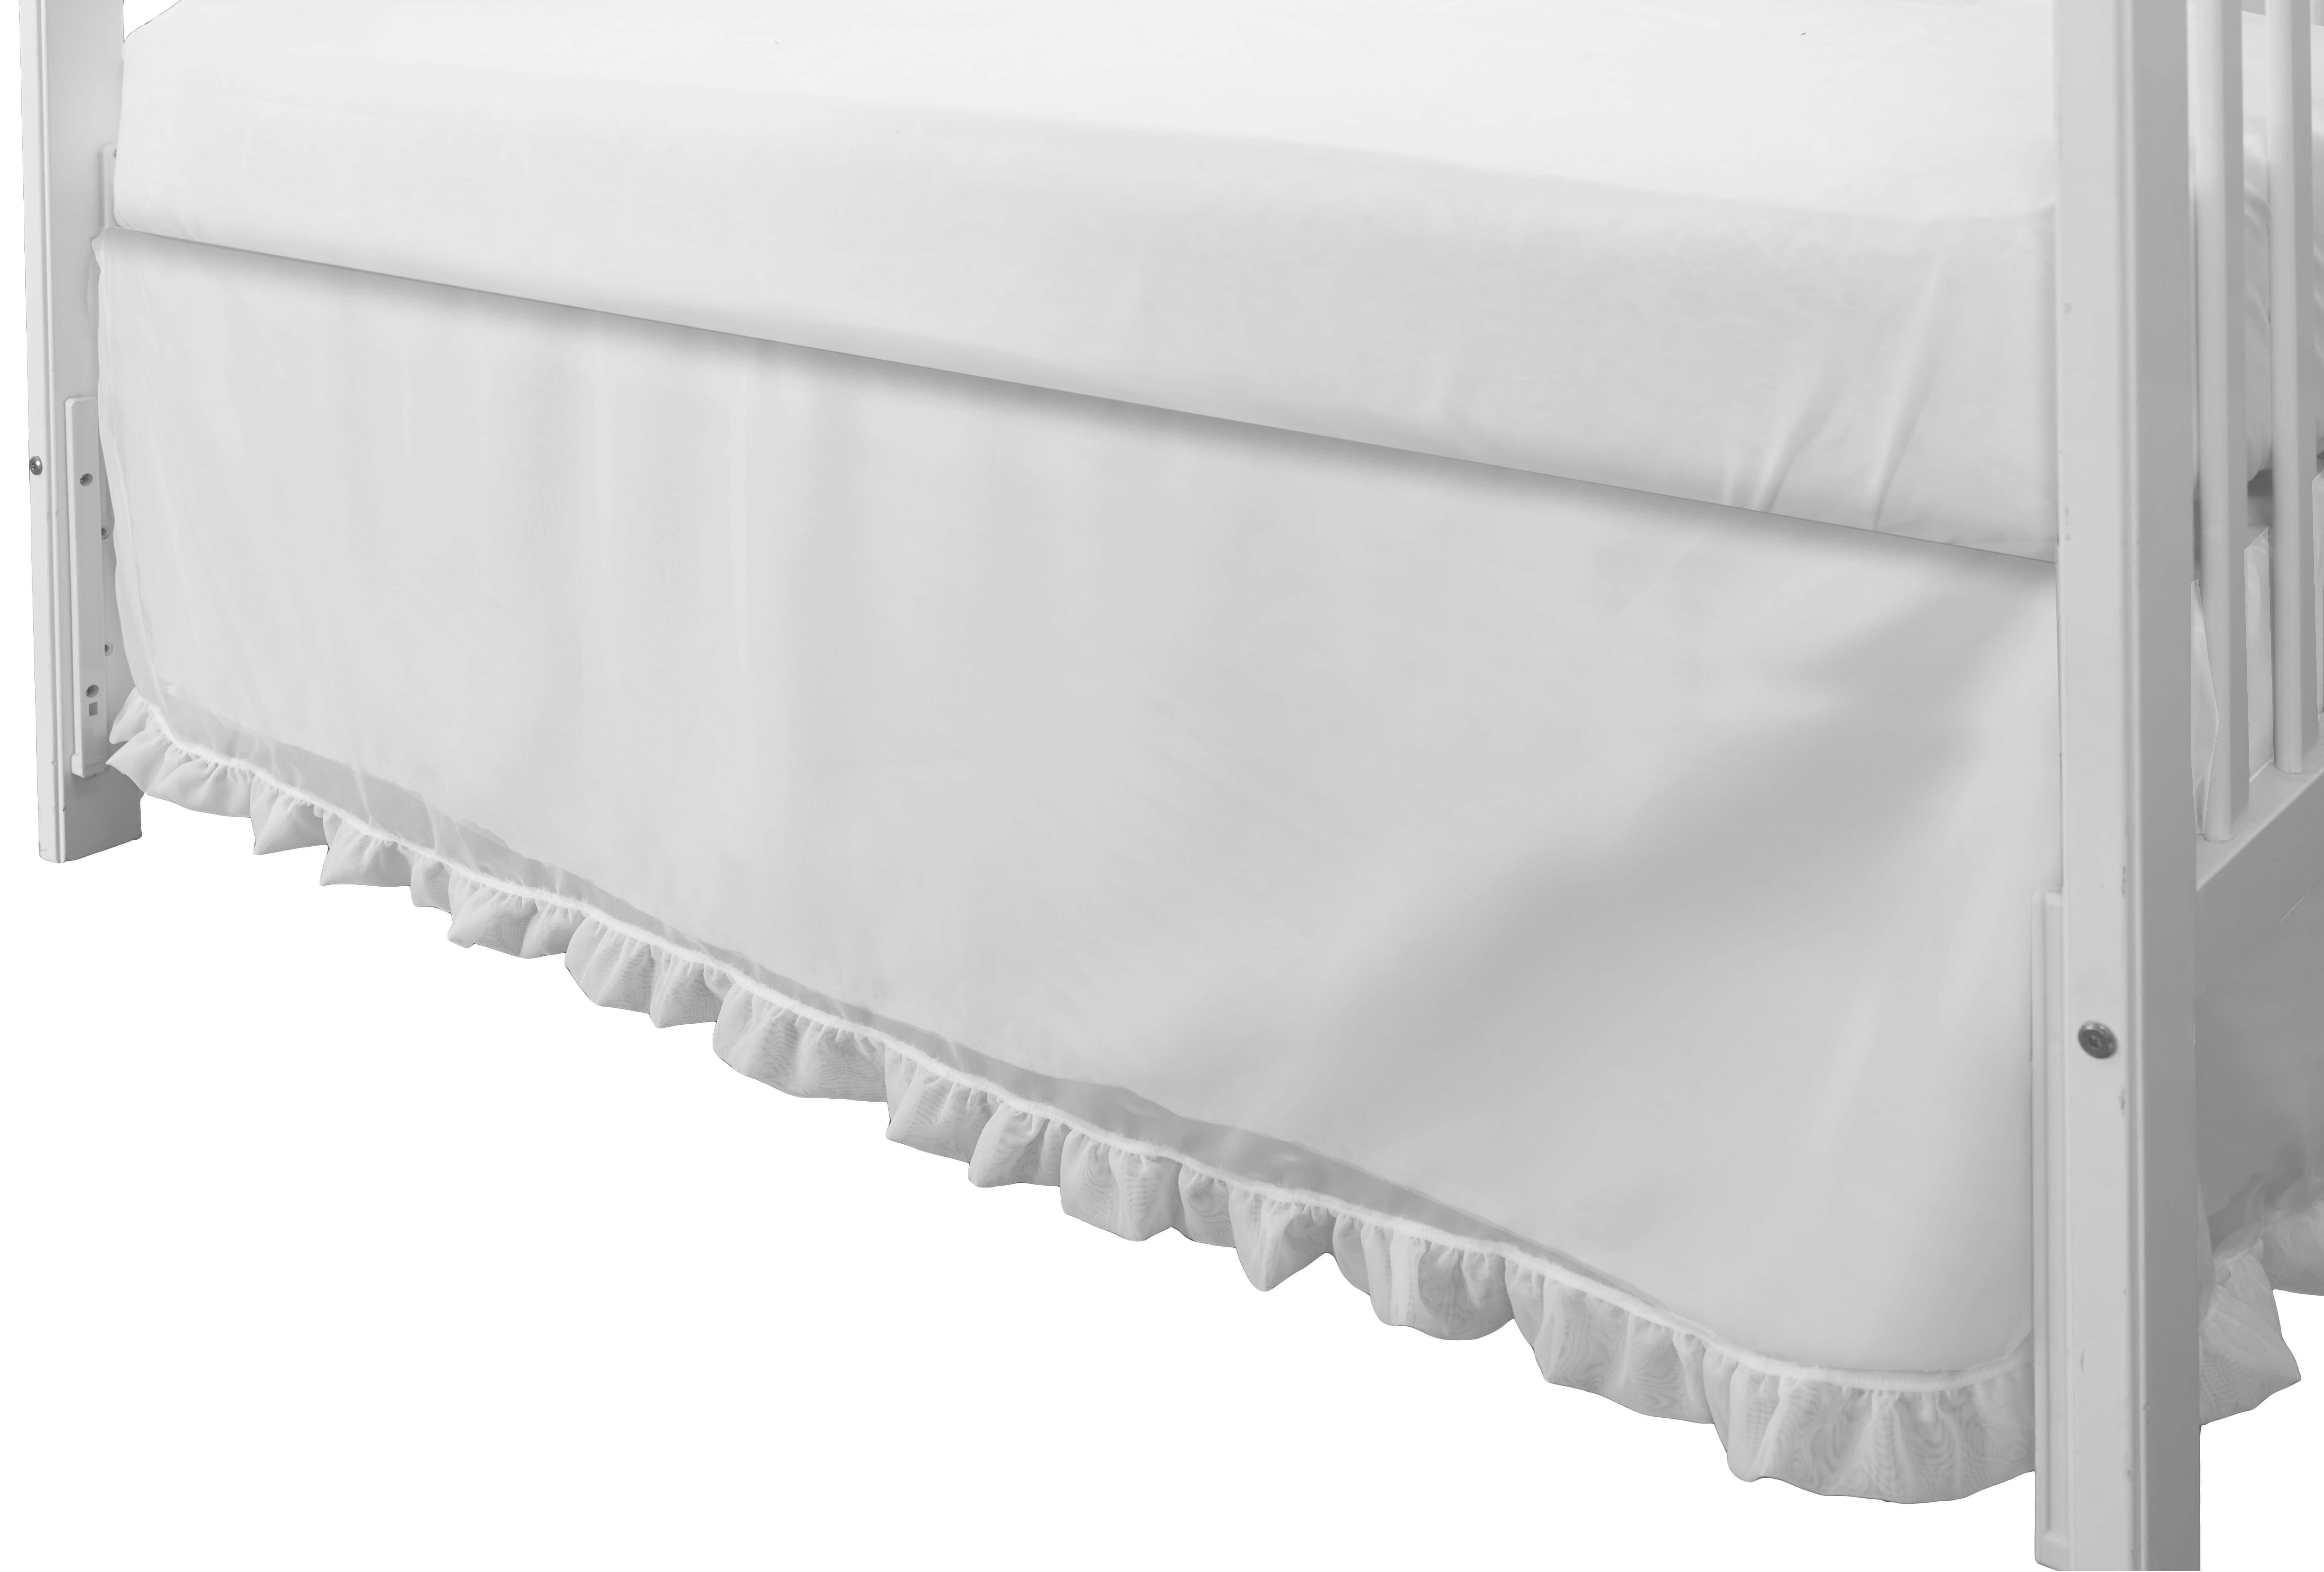 Burgundy Crib Bed Skirt Split Corner Dust Ruffle 100 Cotton Nursery Crib Toddler Bedding Skirt For Baby Boys Or Girls 14 Drop Baby Bedding Bed Skirts